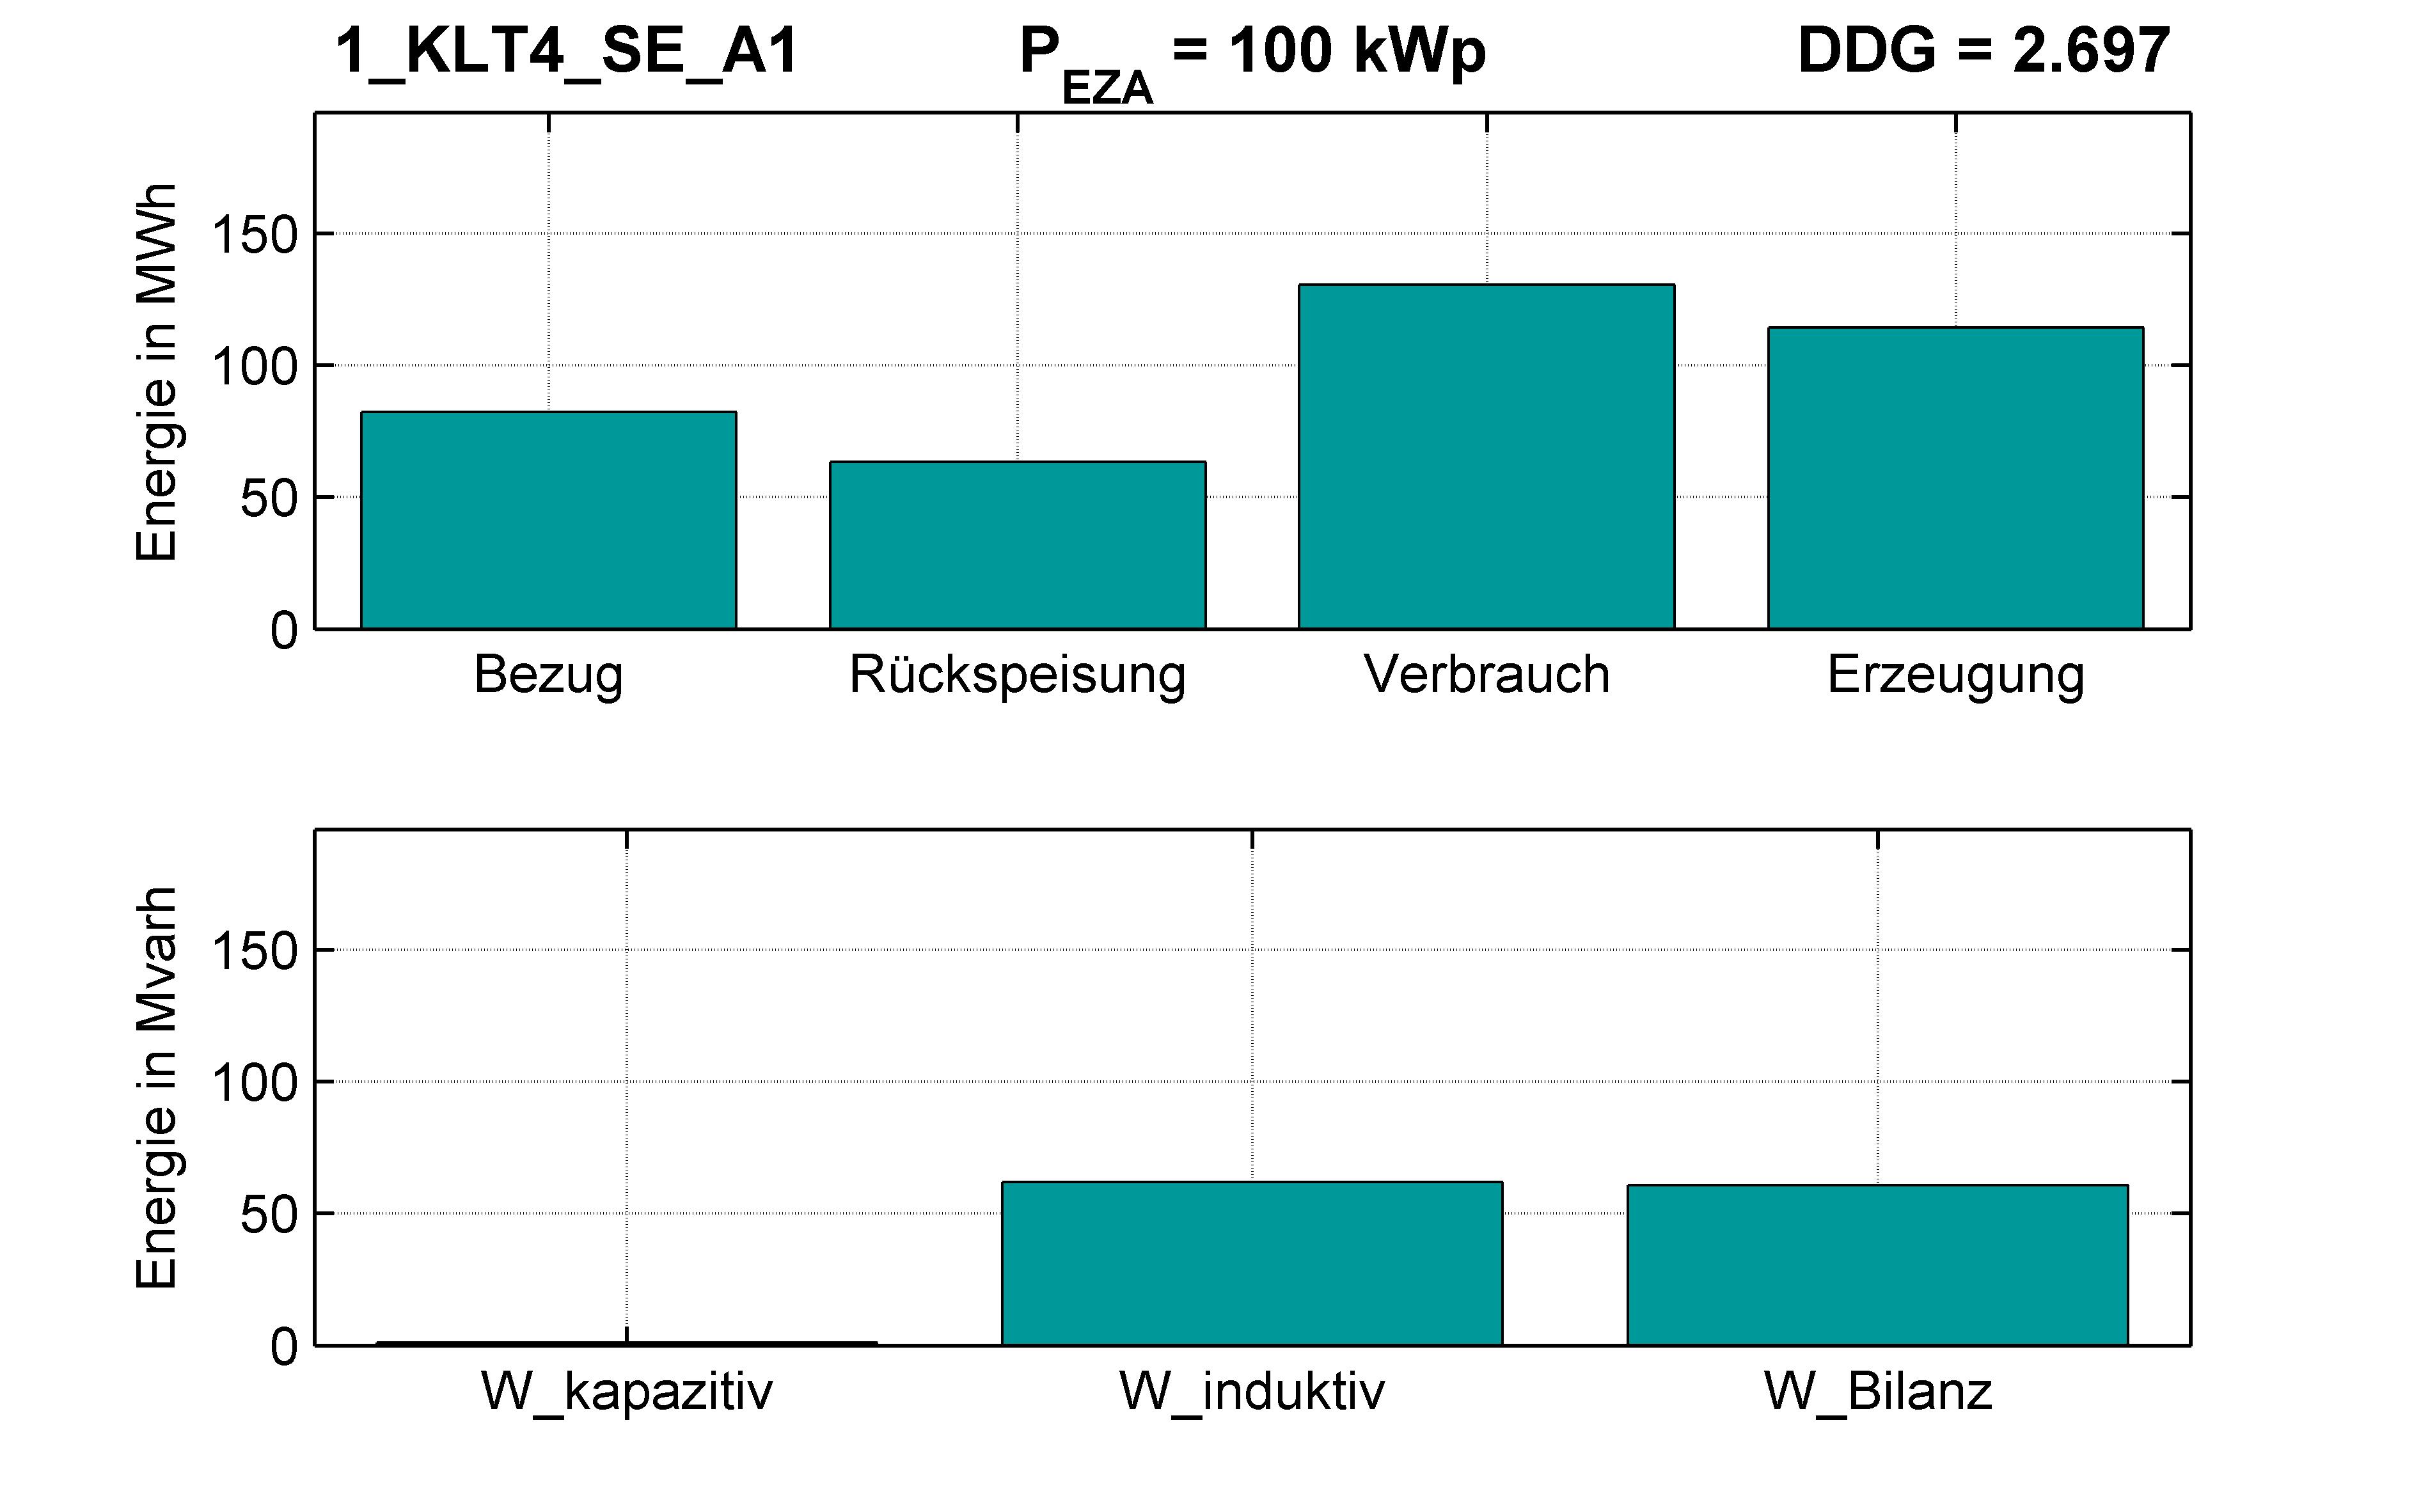 KLT4 | KABEL (SE) A1 | PQ-Bilanz